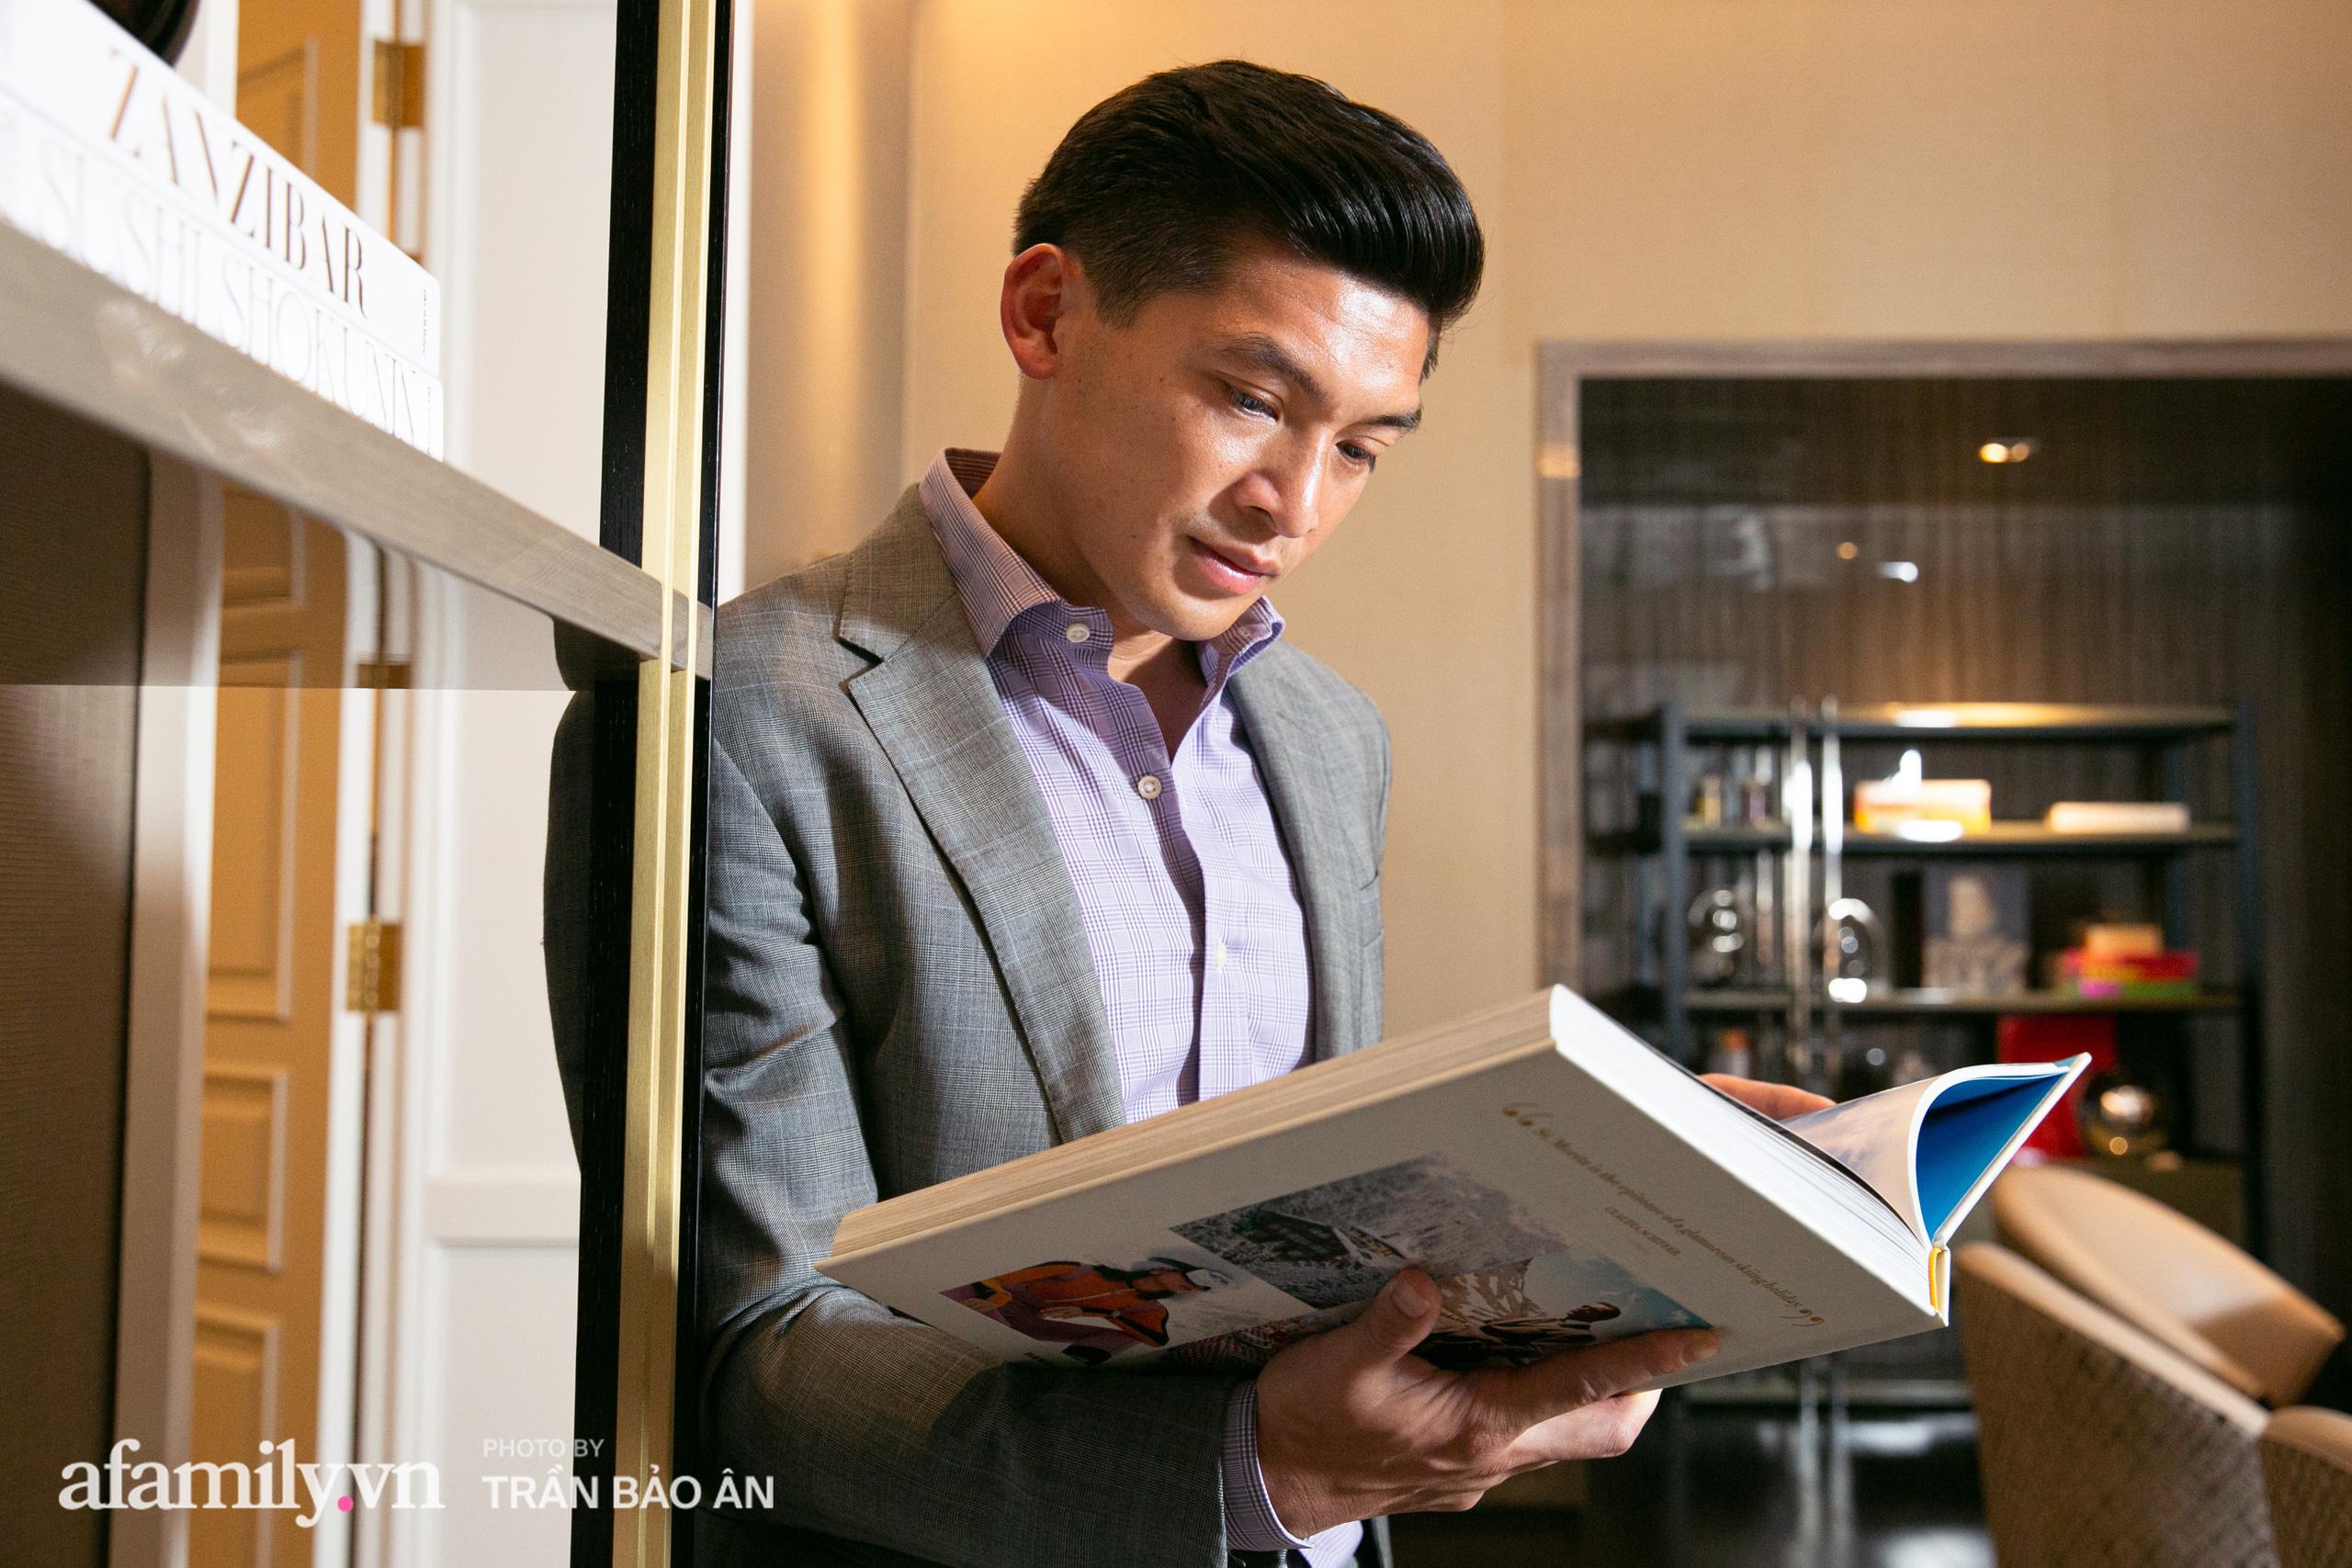 """Yves Huy Phan – CEO 30 tuổi đã làm chủ đế chế nội thất xa xỉ tiết lộ quá trình """"làm giàu"""" và điều bí mật ai cũng tò mò trong mối tình đồng giới với nhà thiết kế nổi tiếng - Ảnh 5."""